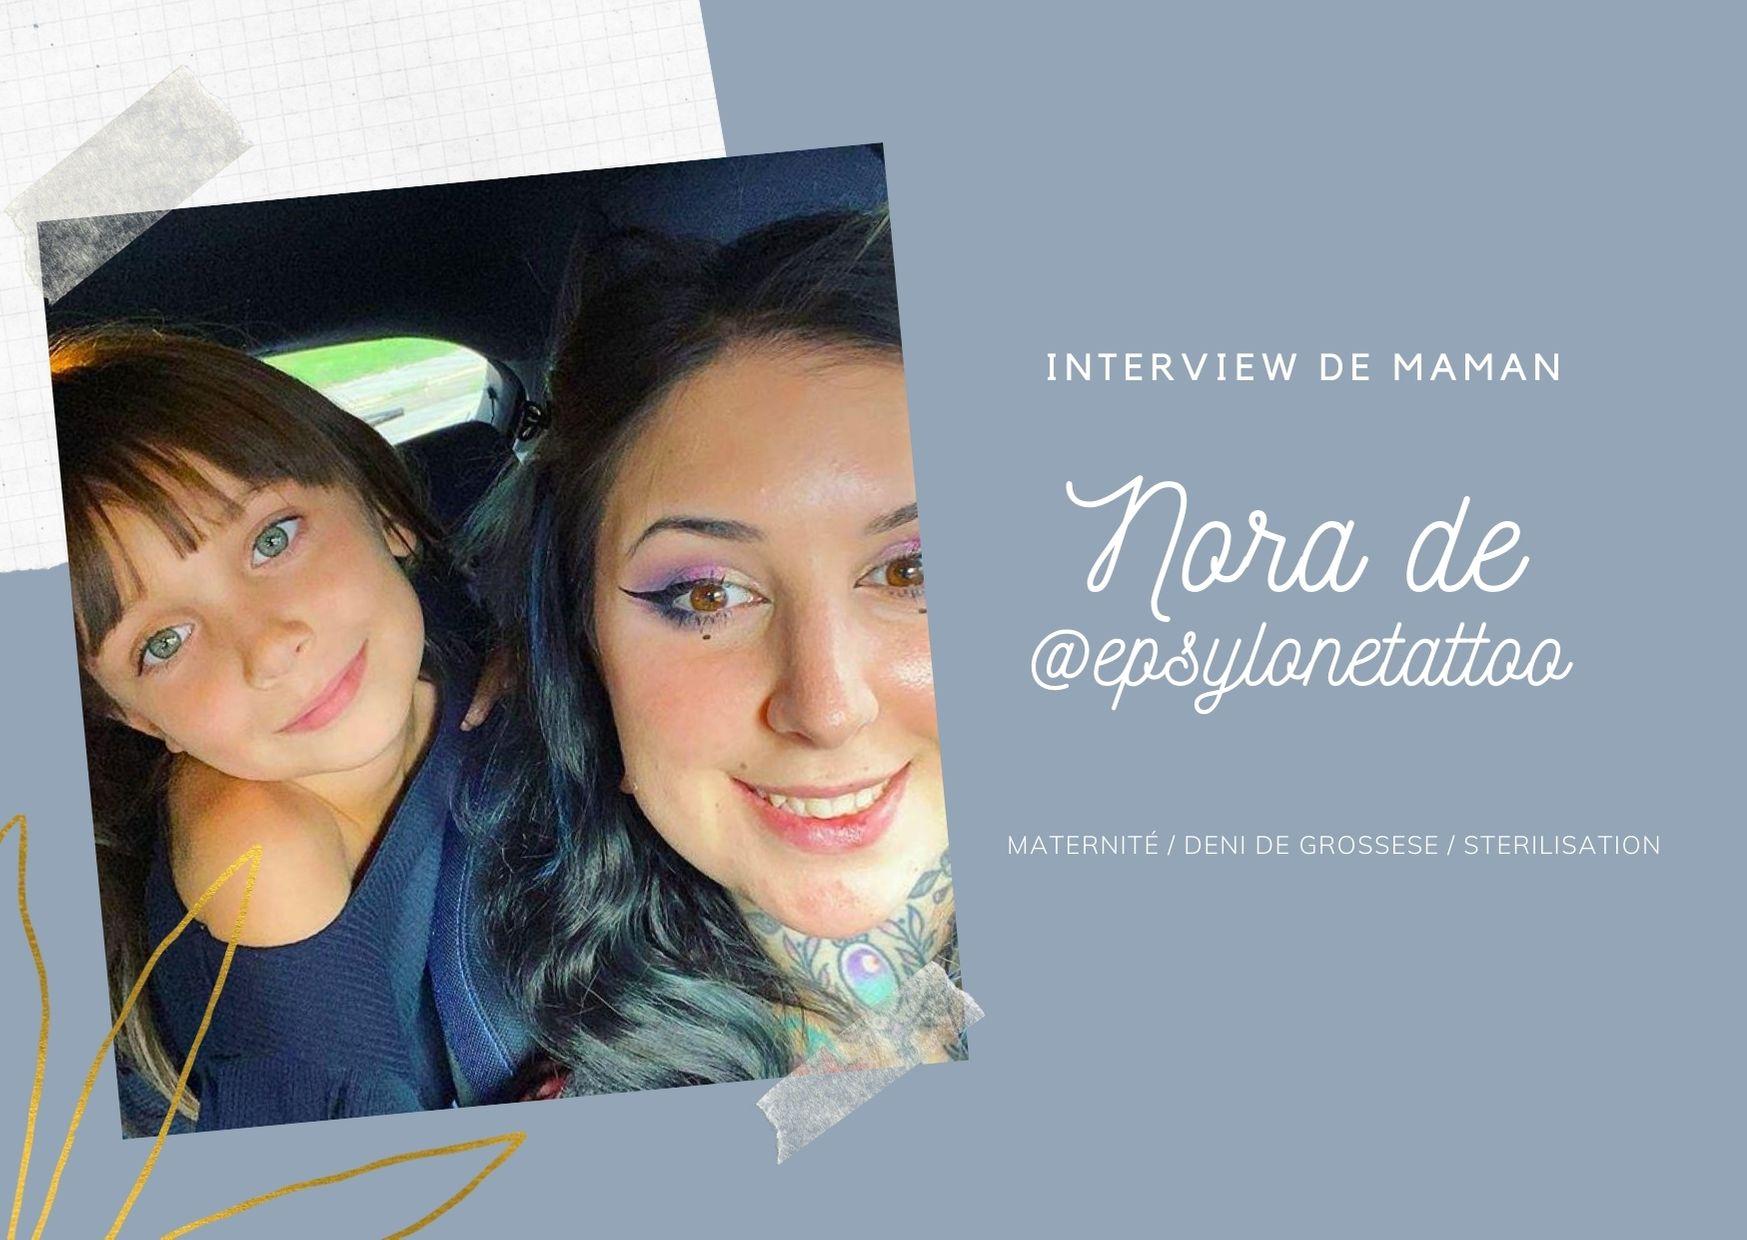 Interview déni de grossesse